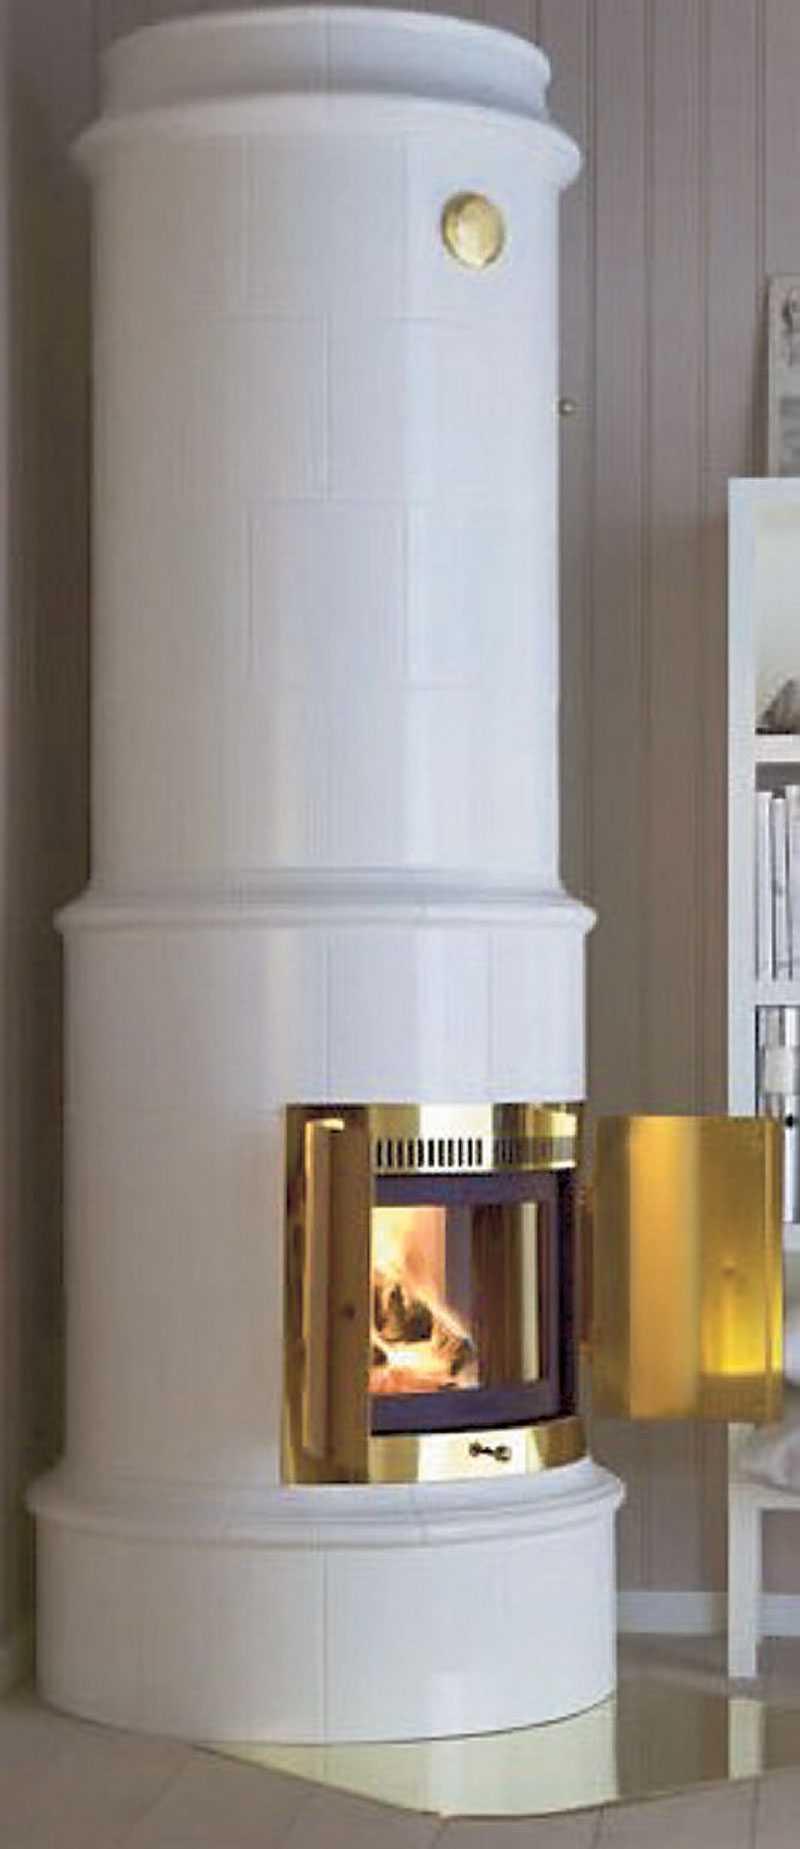 Allmoge 521. Slät, vit och modern. Diskret dekorering. Kan stå i hörn eller mot rak vägg. Pris: 47500 kr. www.nibefire.eu